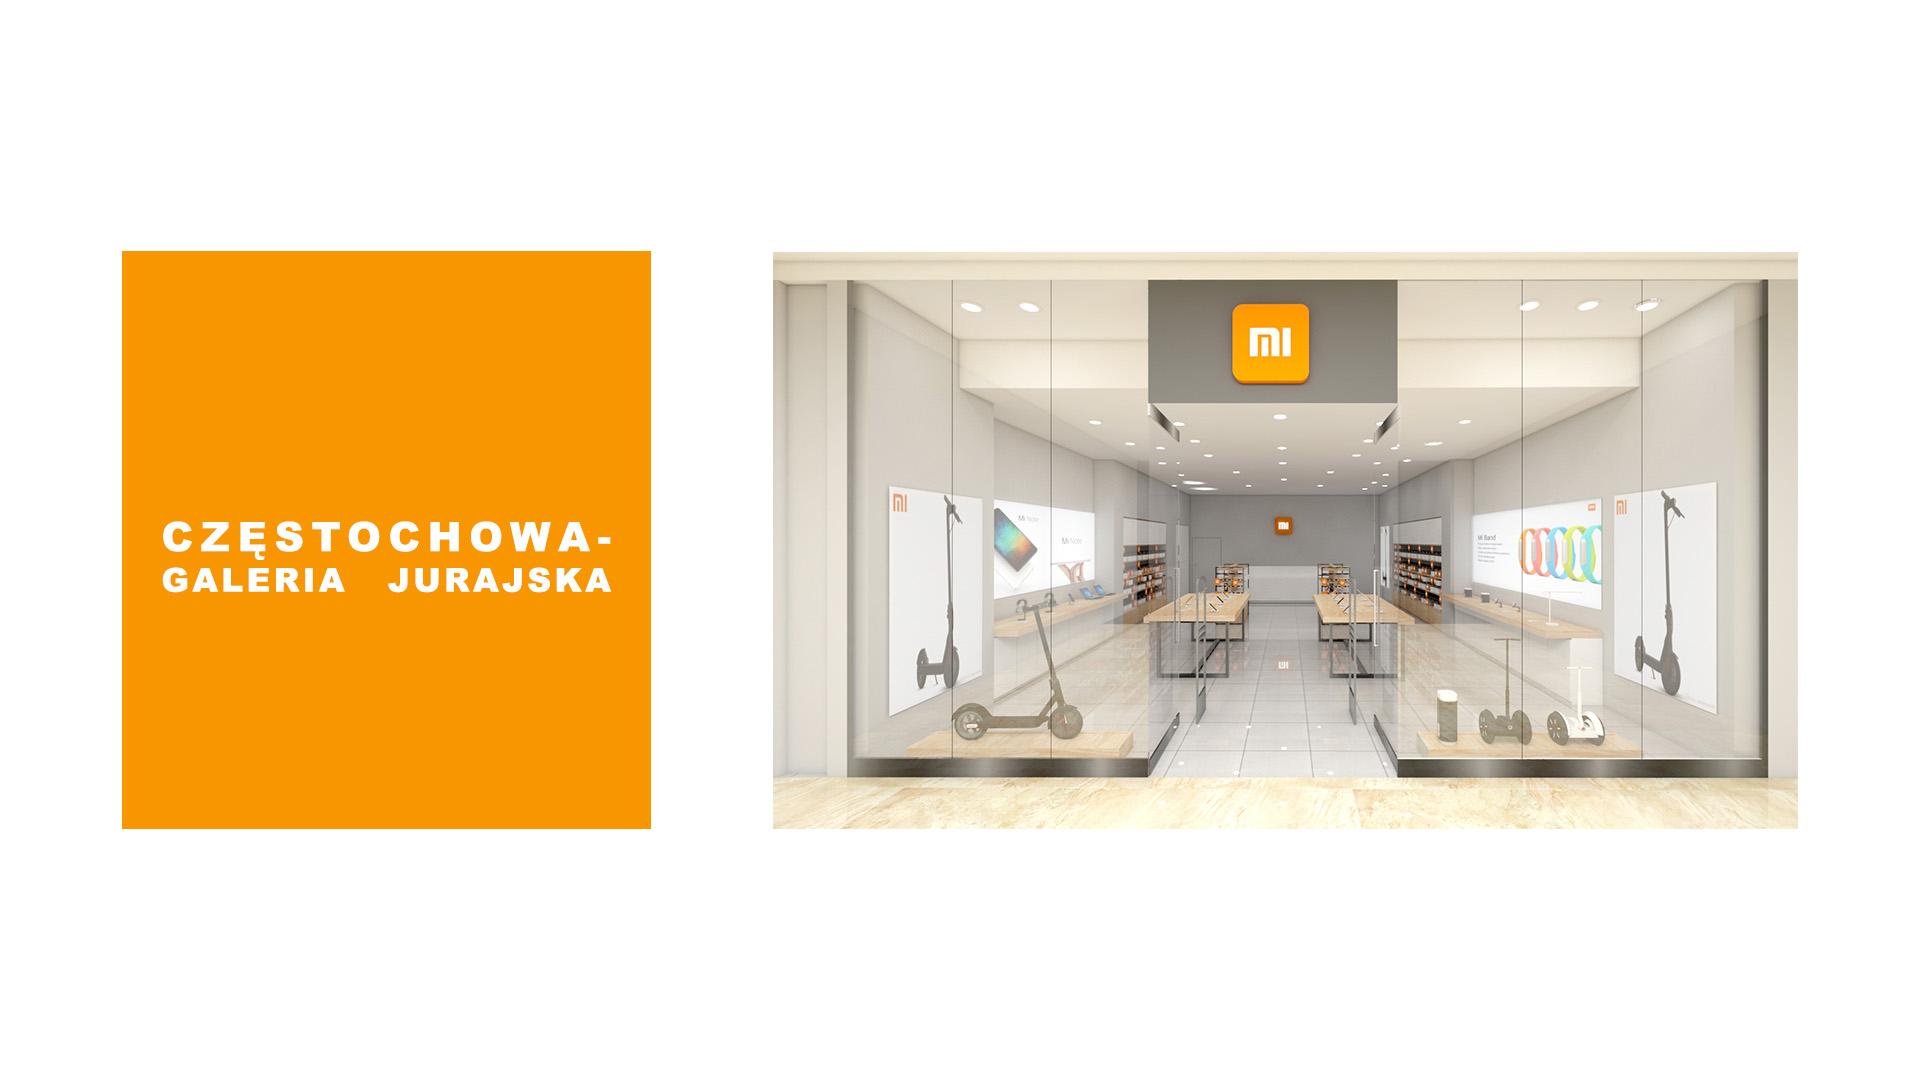 Mi-Store - Częstochowa - Galeria Jurajska